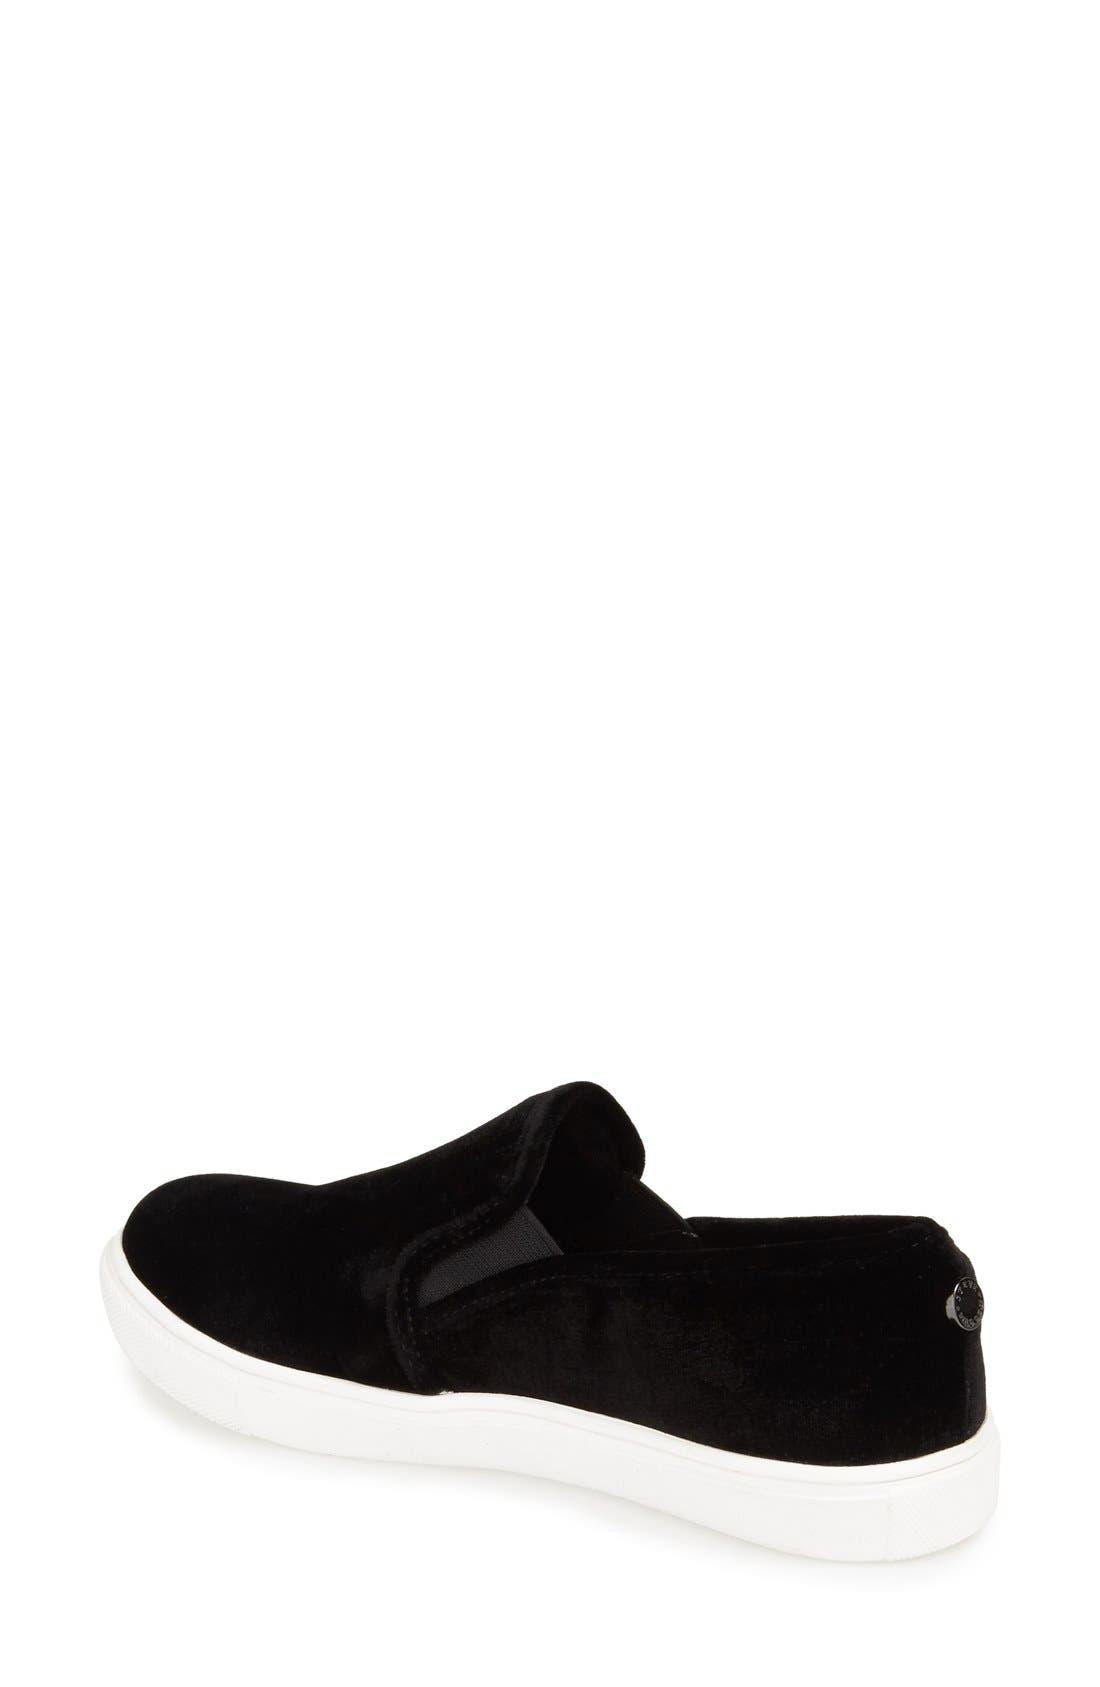 Ecntrcv Slip-On Sneaker,                             Alternate thumbnail 16, color,